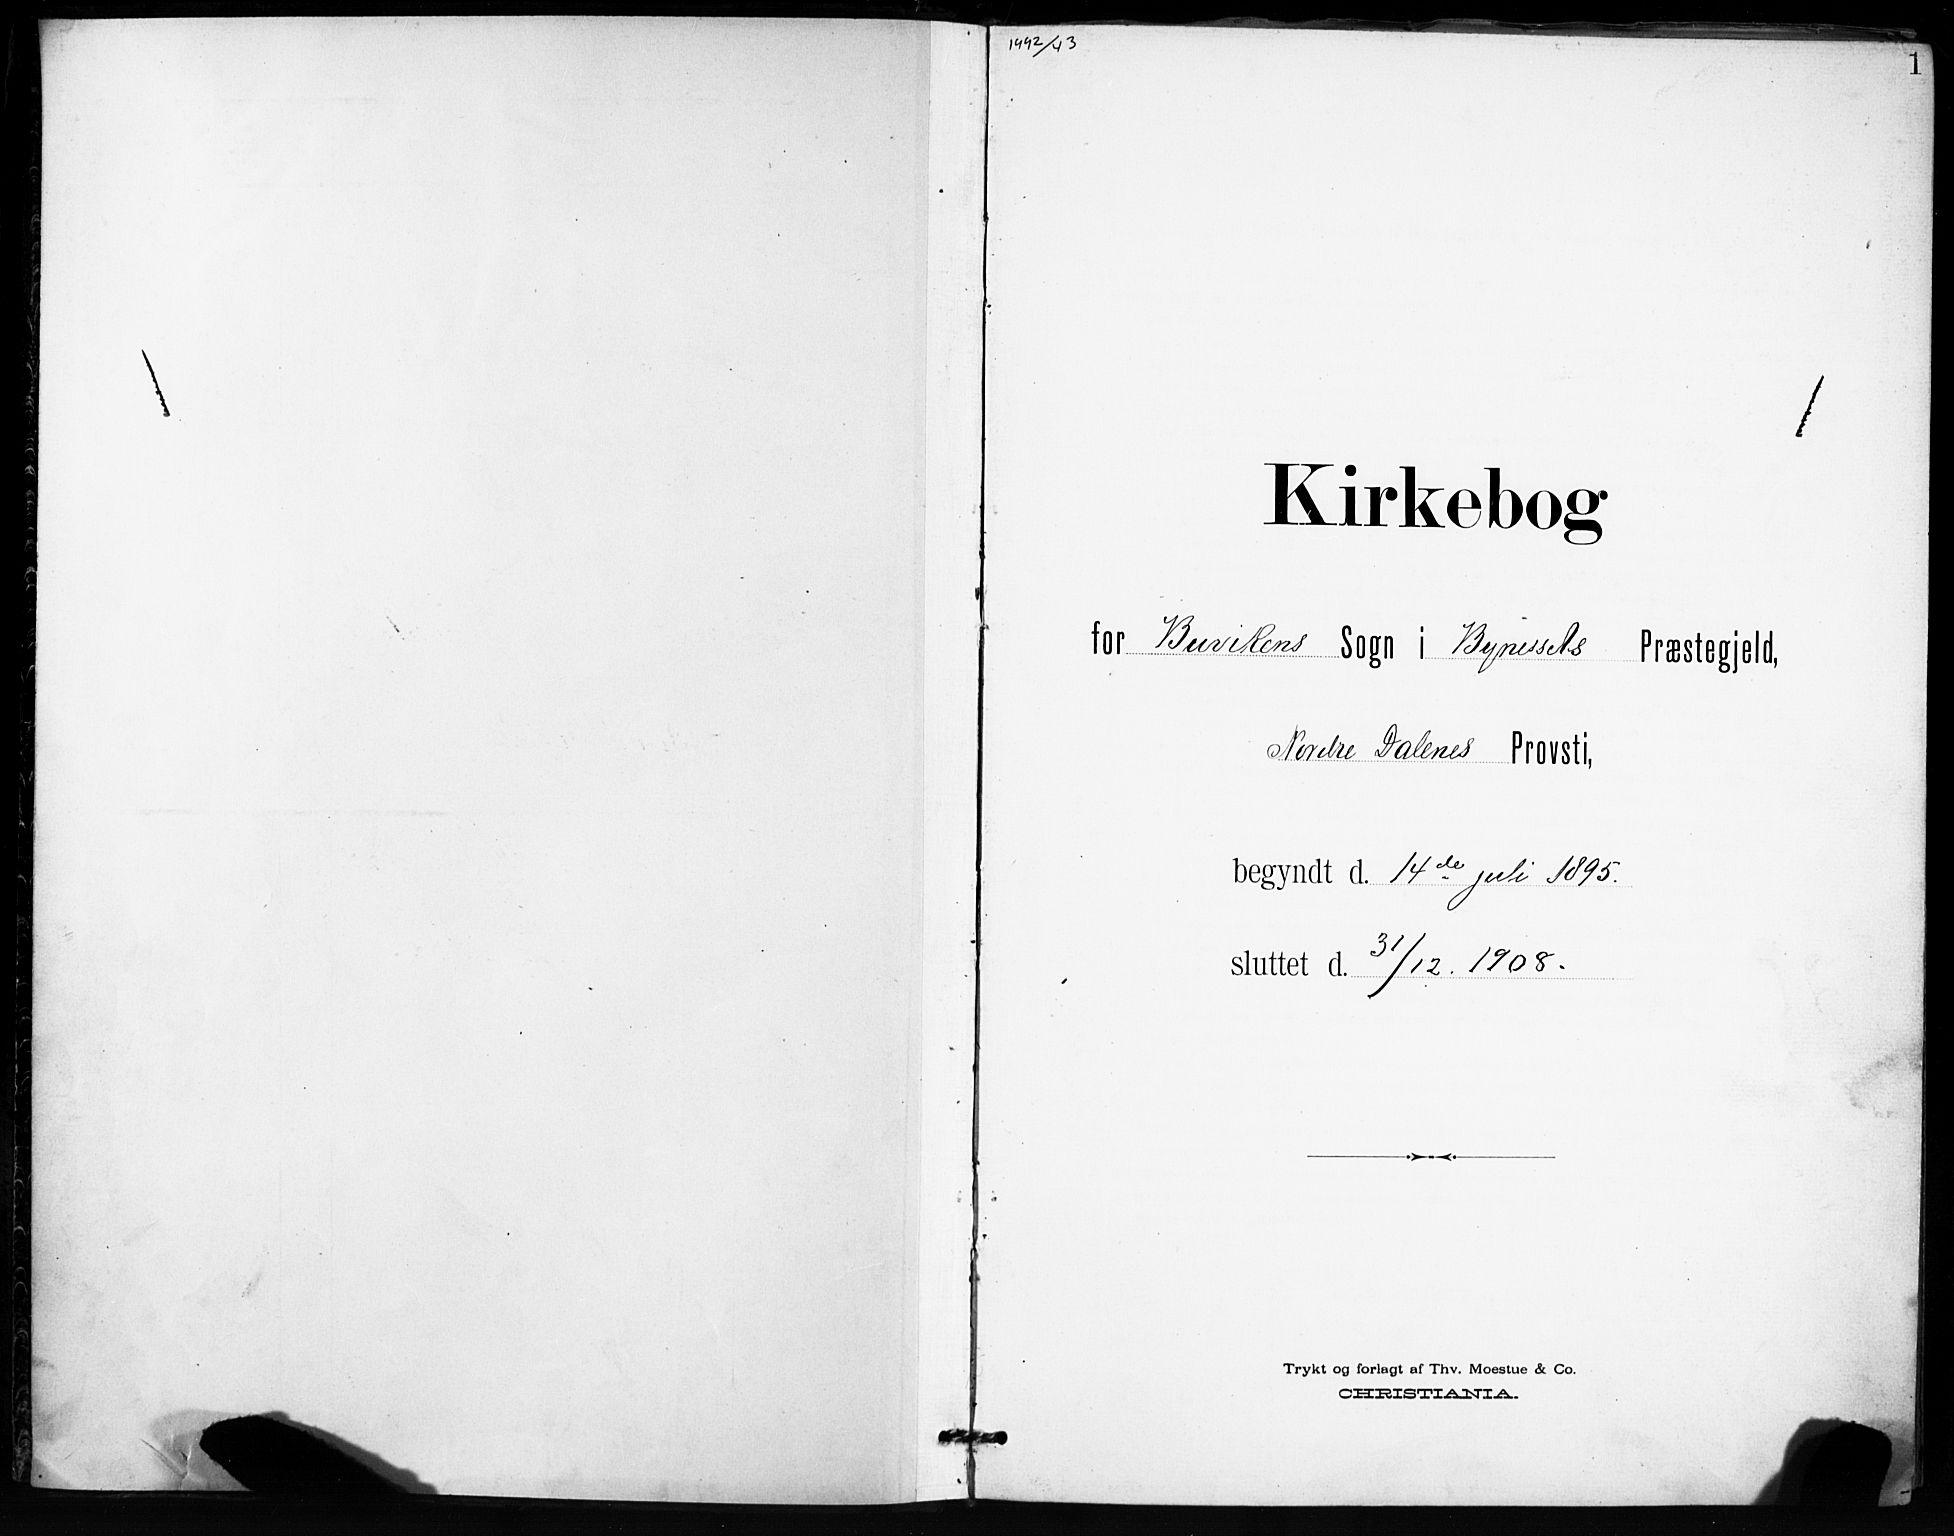 SAT, Ministerialprotokoller, klokkerbøker og fødselsregistre - Sør-Trøndelag, 666/L0787: Ministerialbok nr. 666A05, 1895-1908, s. 1